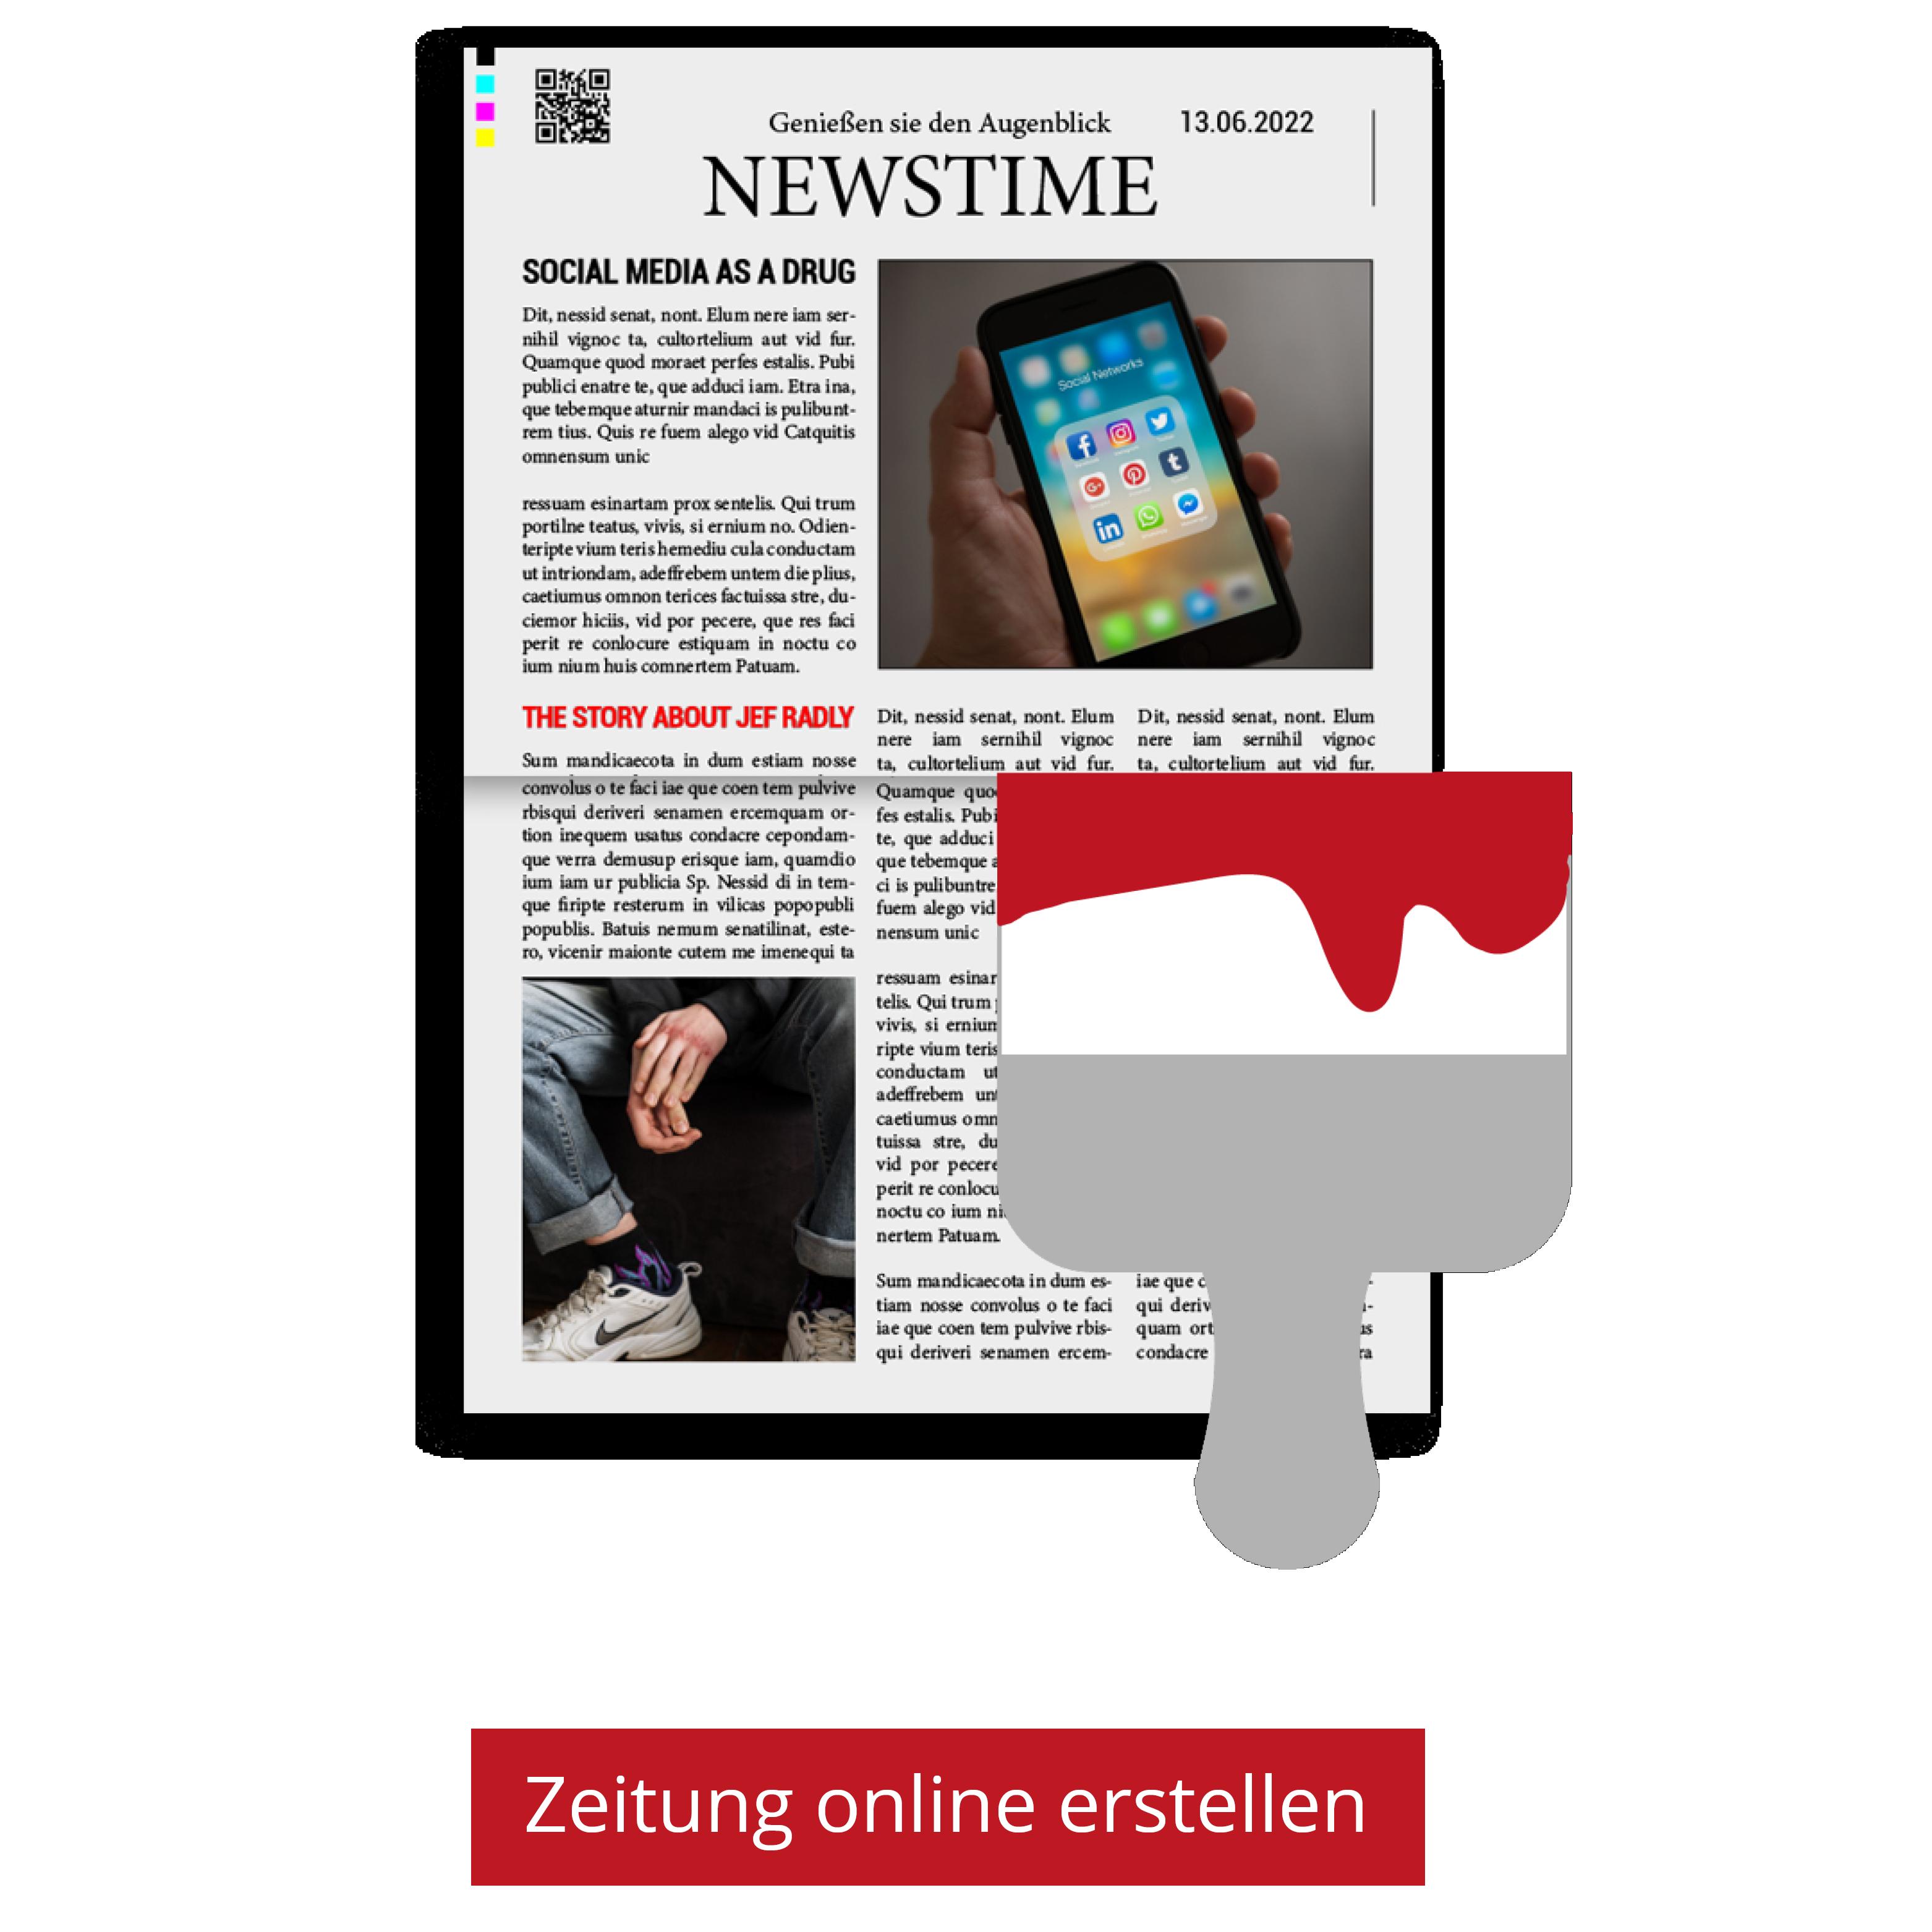 Zeitung mit Vorlage gestalten